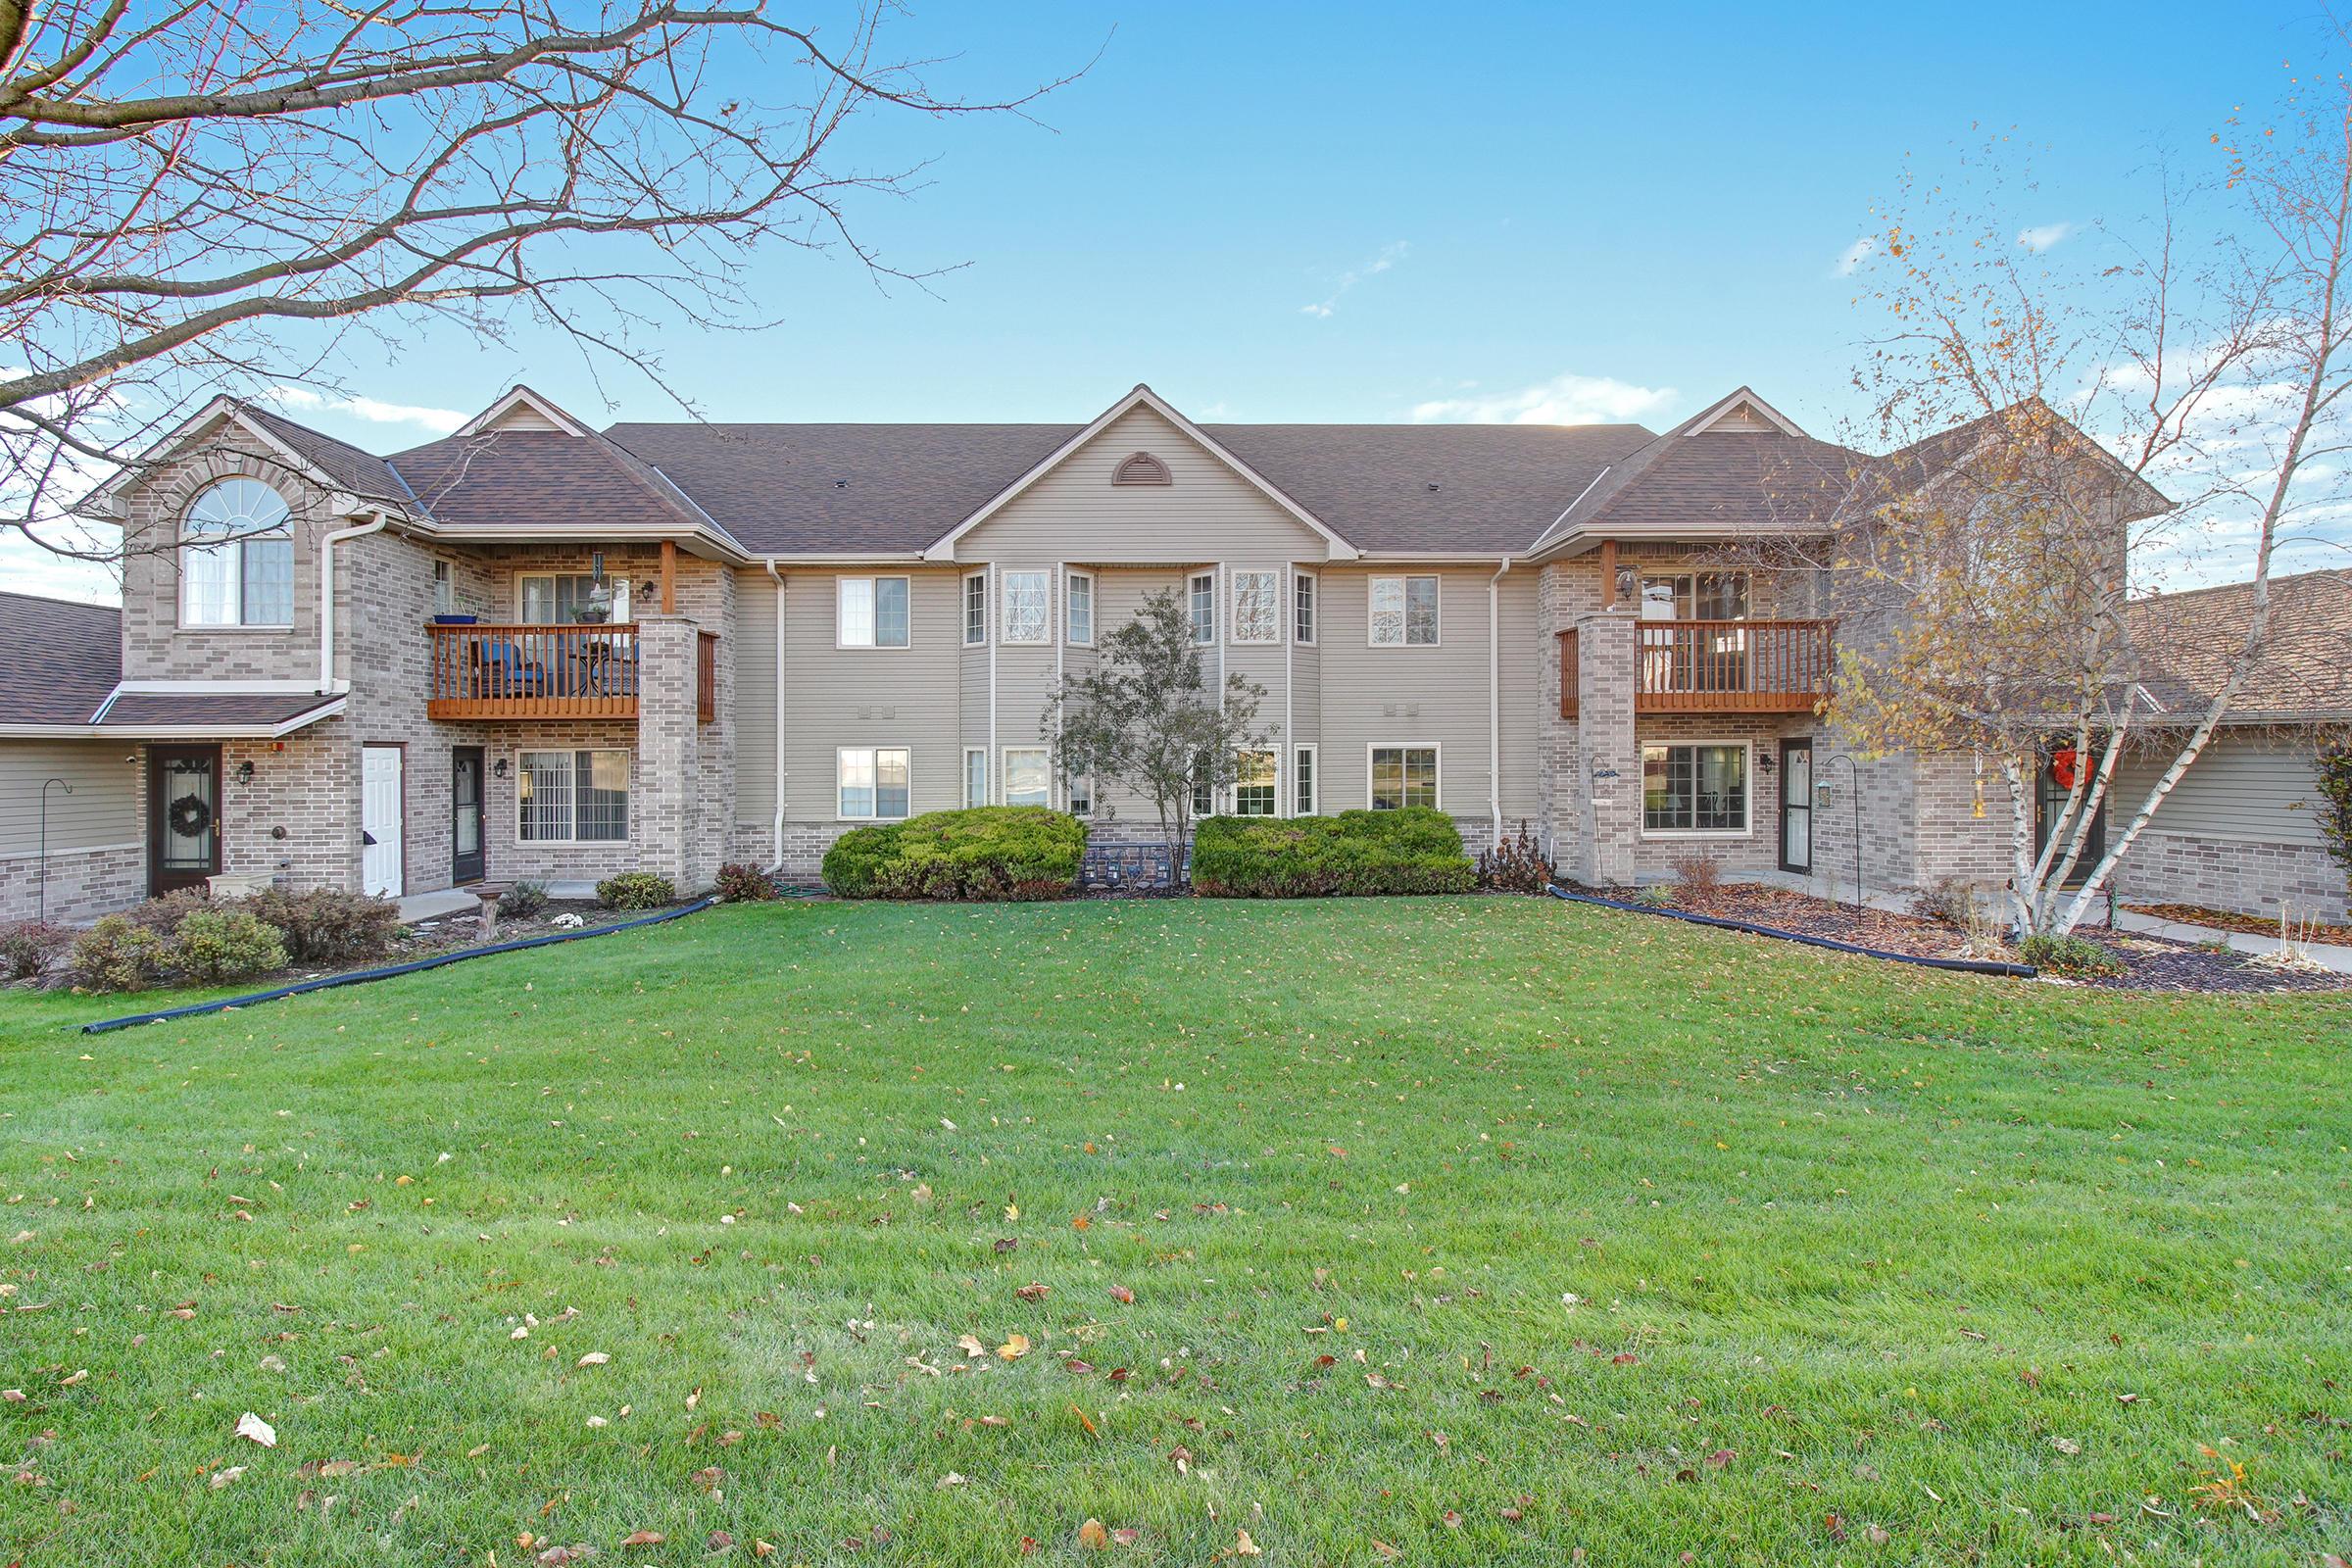 2137 Broken Hill Rd, Waukesha, Wisconsin 53188, 2 Bedrooms Bedrooms, ,2 BathroomsBathrooms,Condominiums,For Sale,Broken Hill Rd,2,1667252